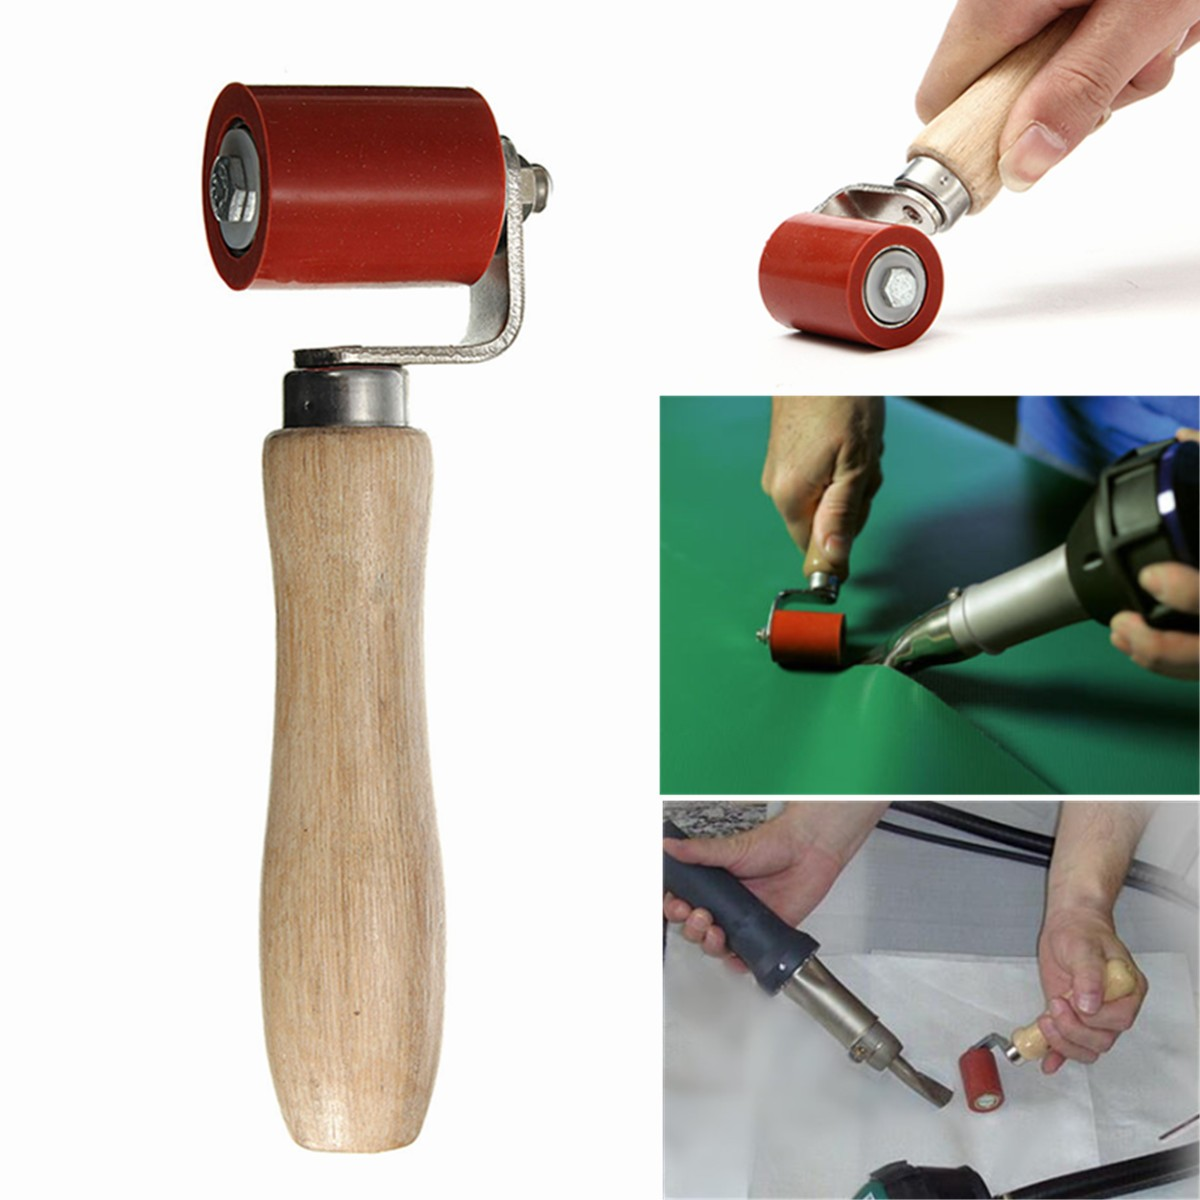 Neue Ankunft Silikon Kugellager Druck Naht Rollen Silica gel druck roller für Heiße Luft Kunststoff weldingun